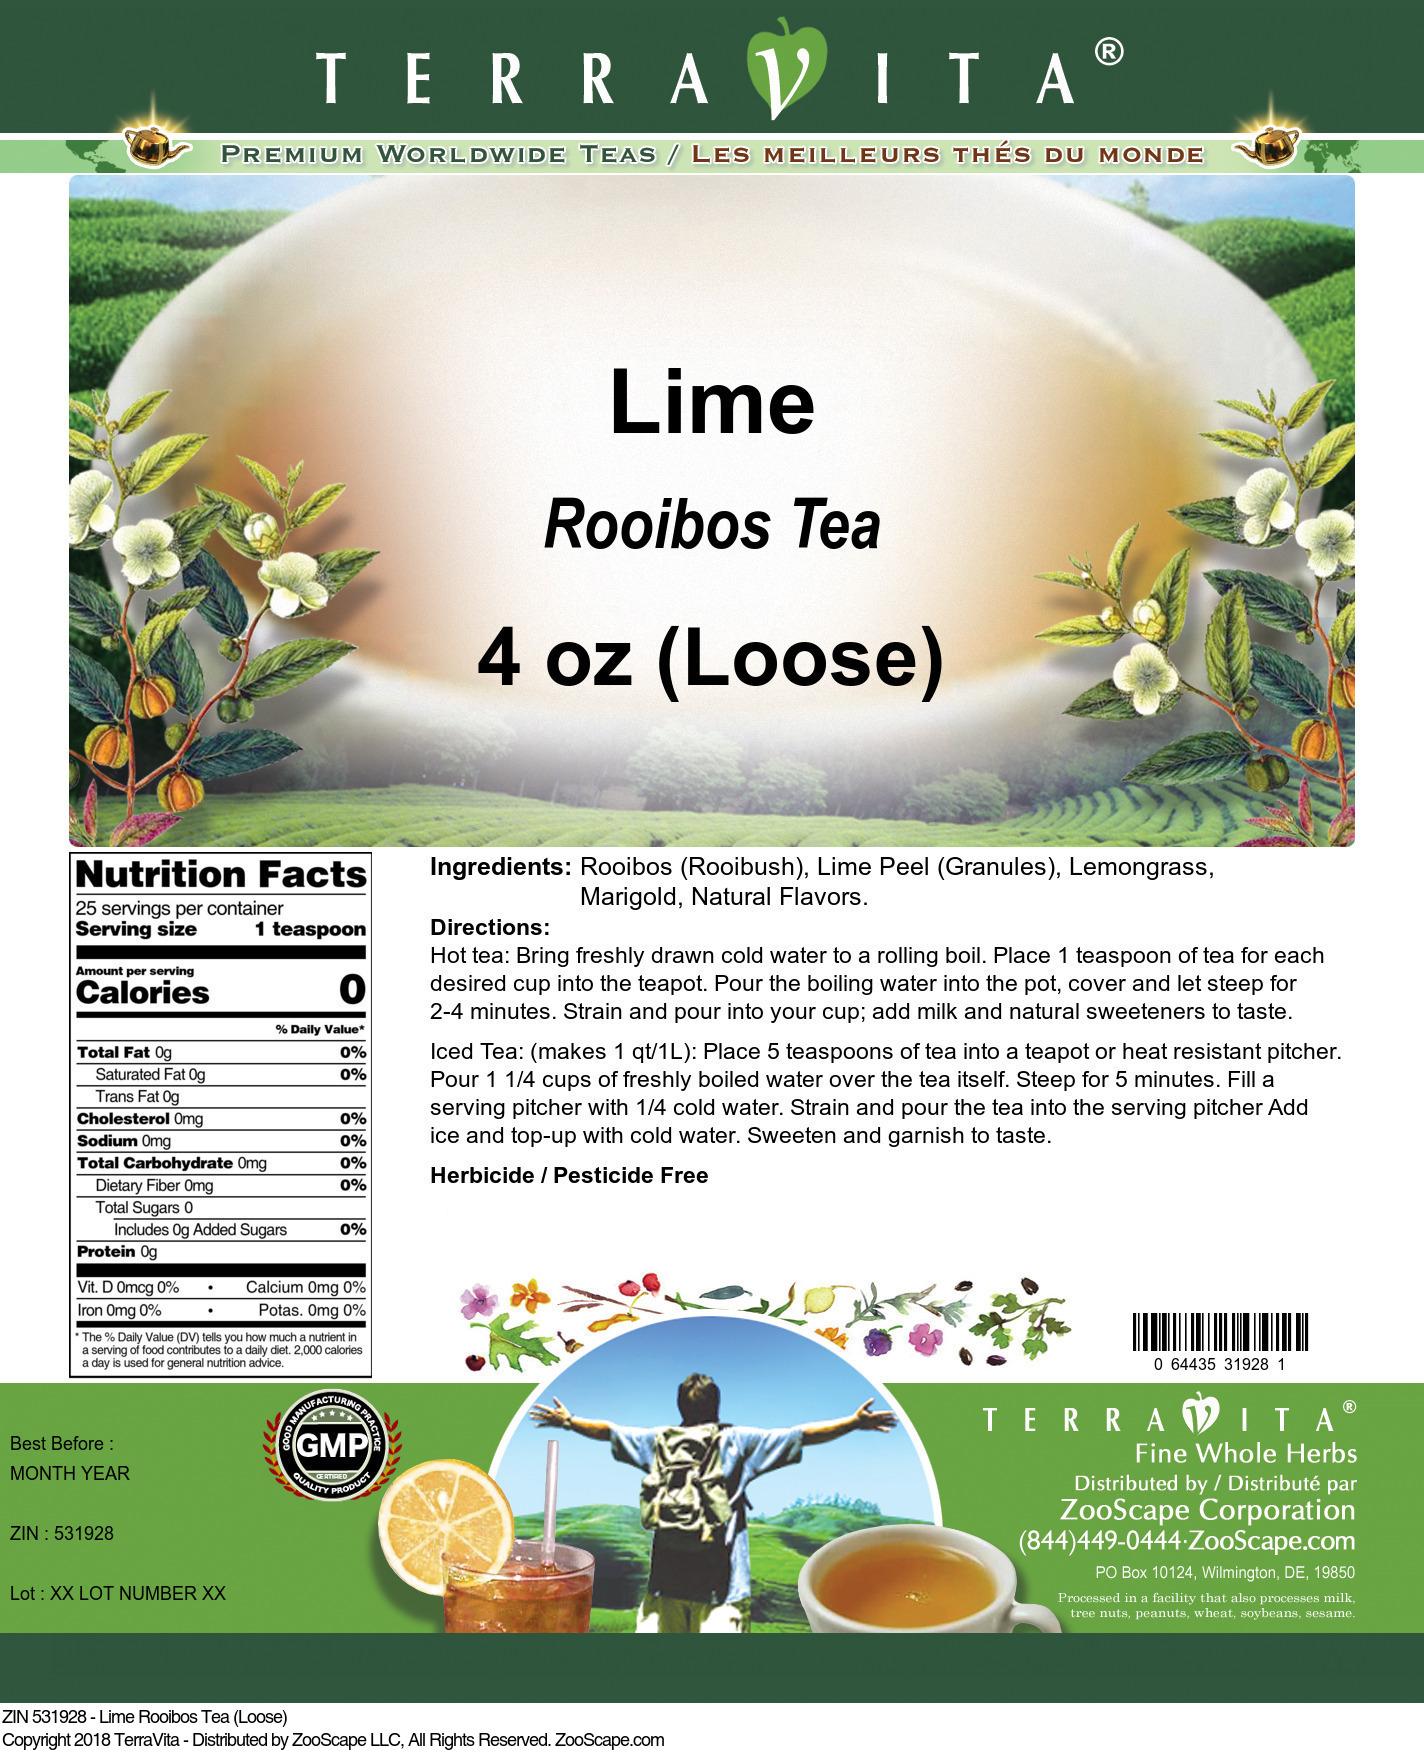 Lime Rooibos Tea (Loose)